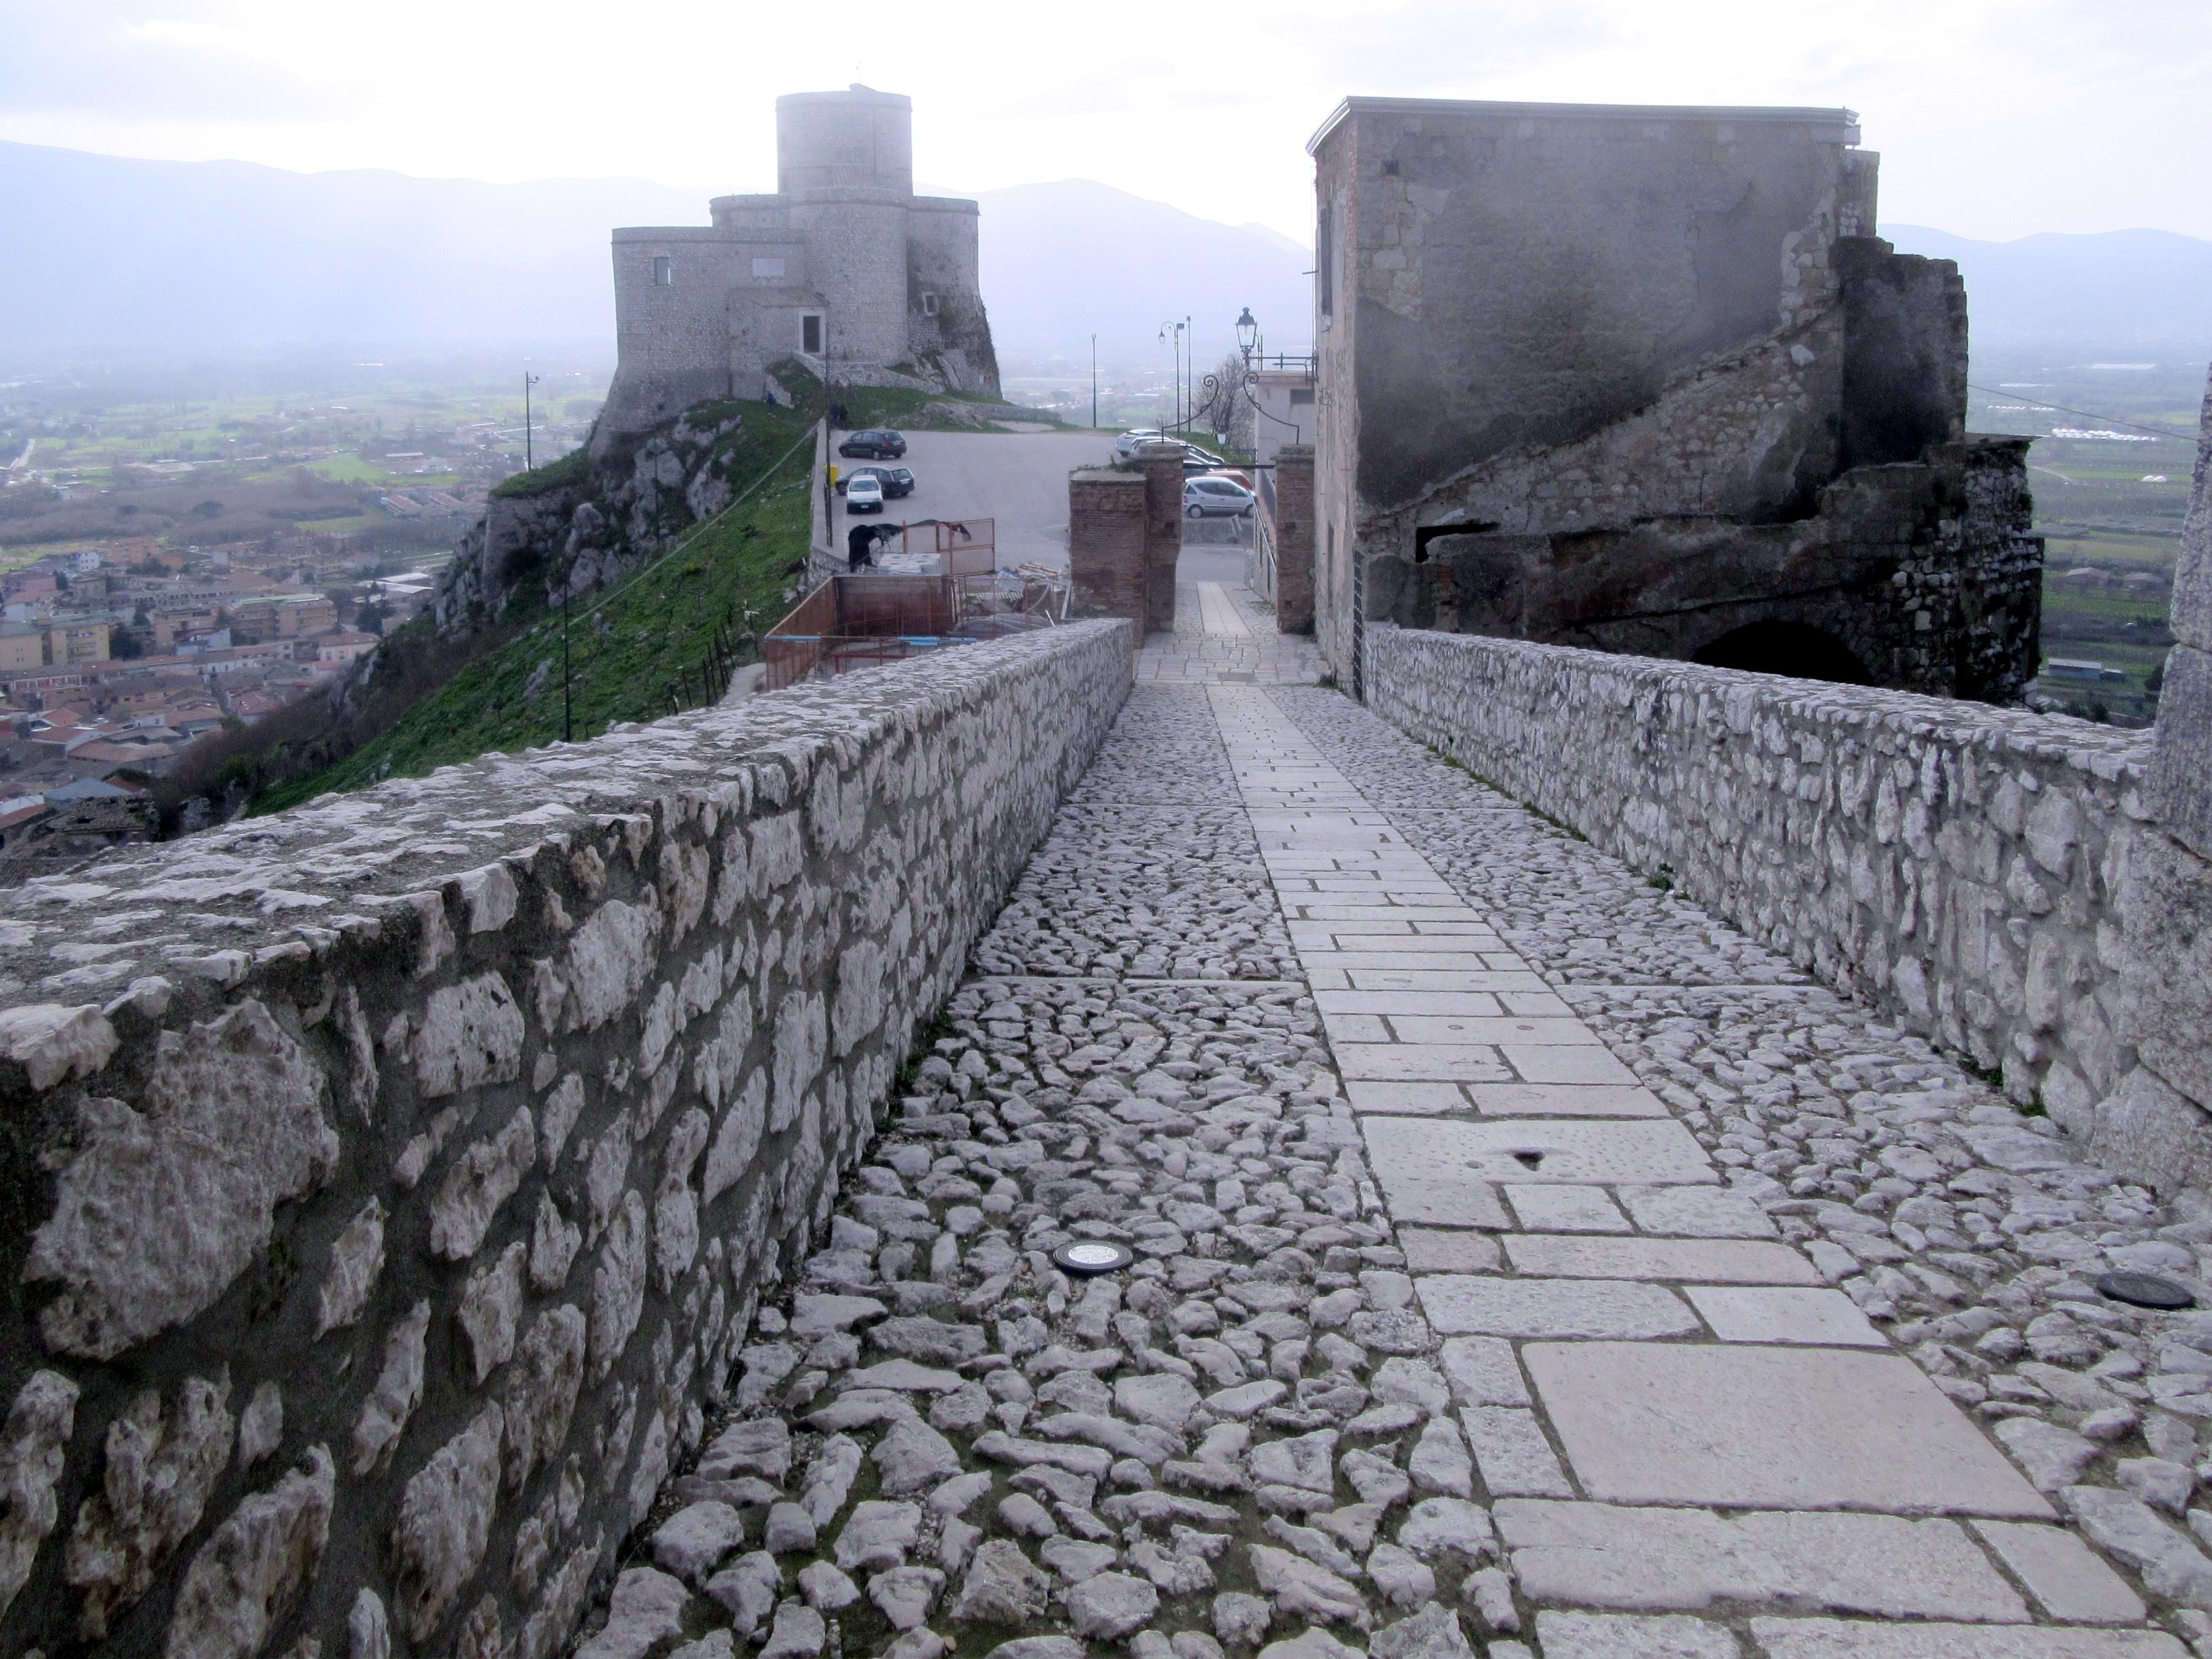 Mobtesarchio. Foto da https://it.wikipedia.org/wiki/File:Montesarchio_(BN),_passerella_ingresso_al_Castello_2.jpg